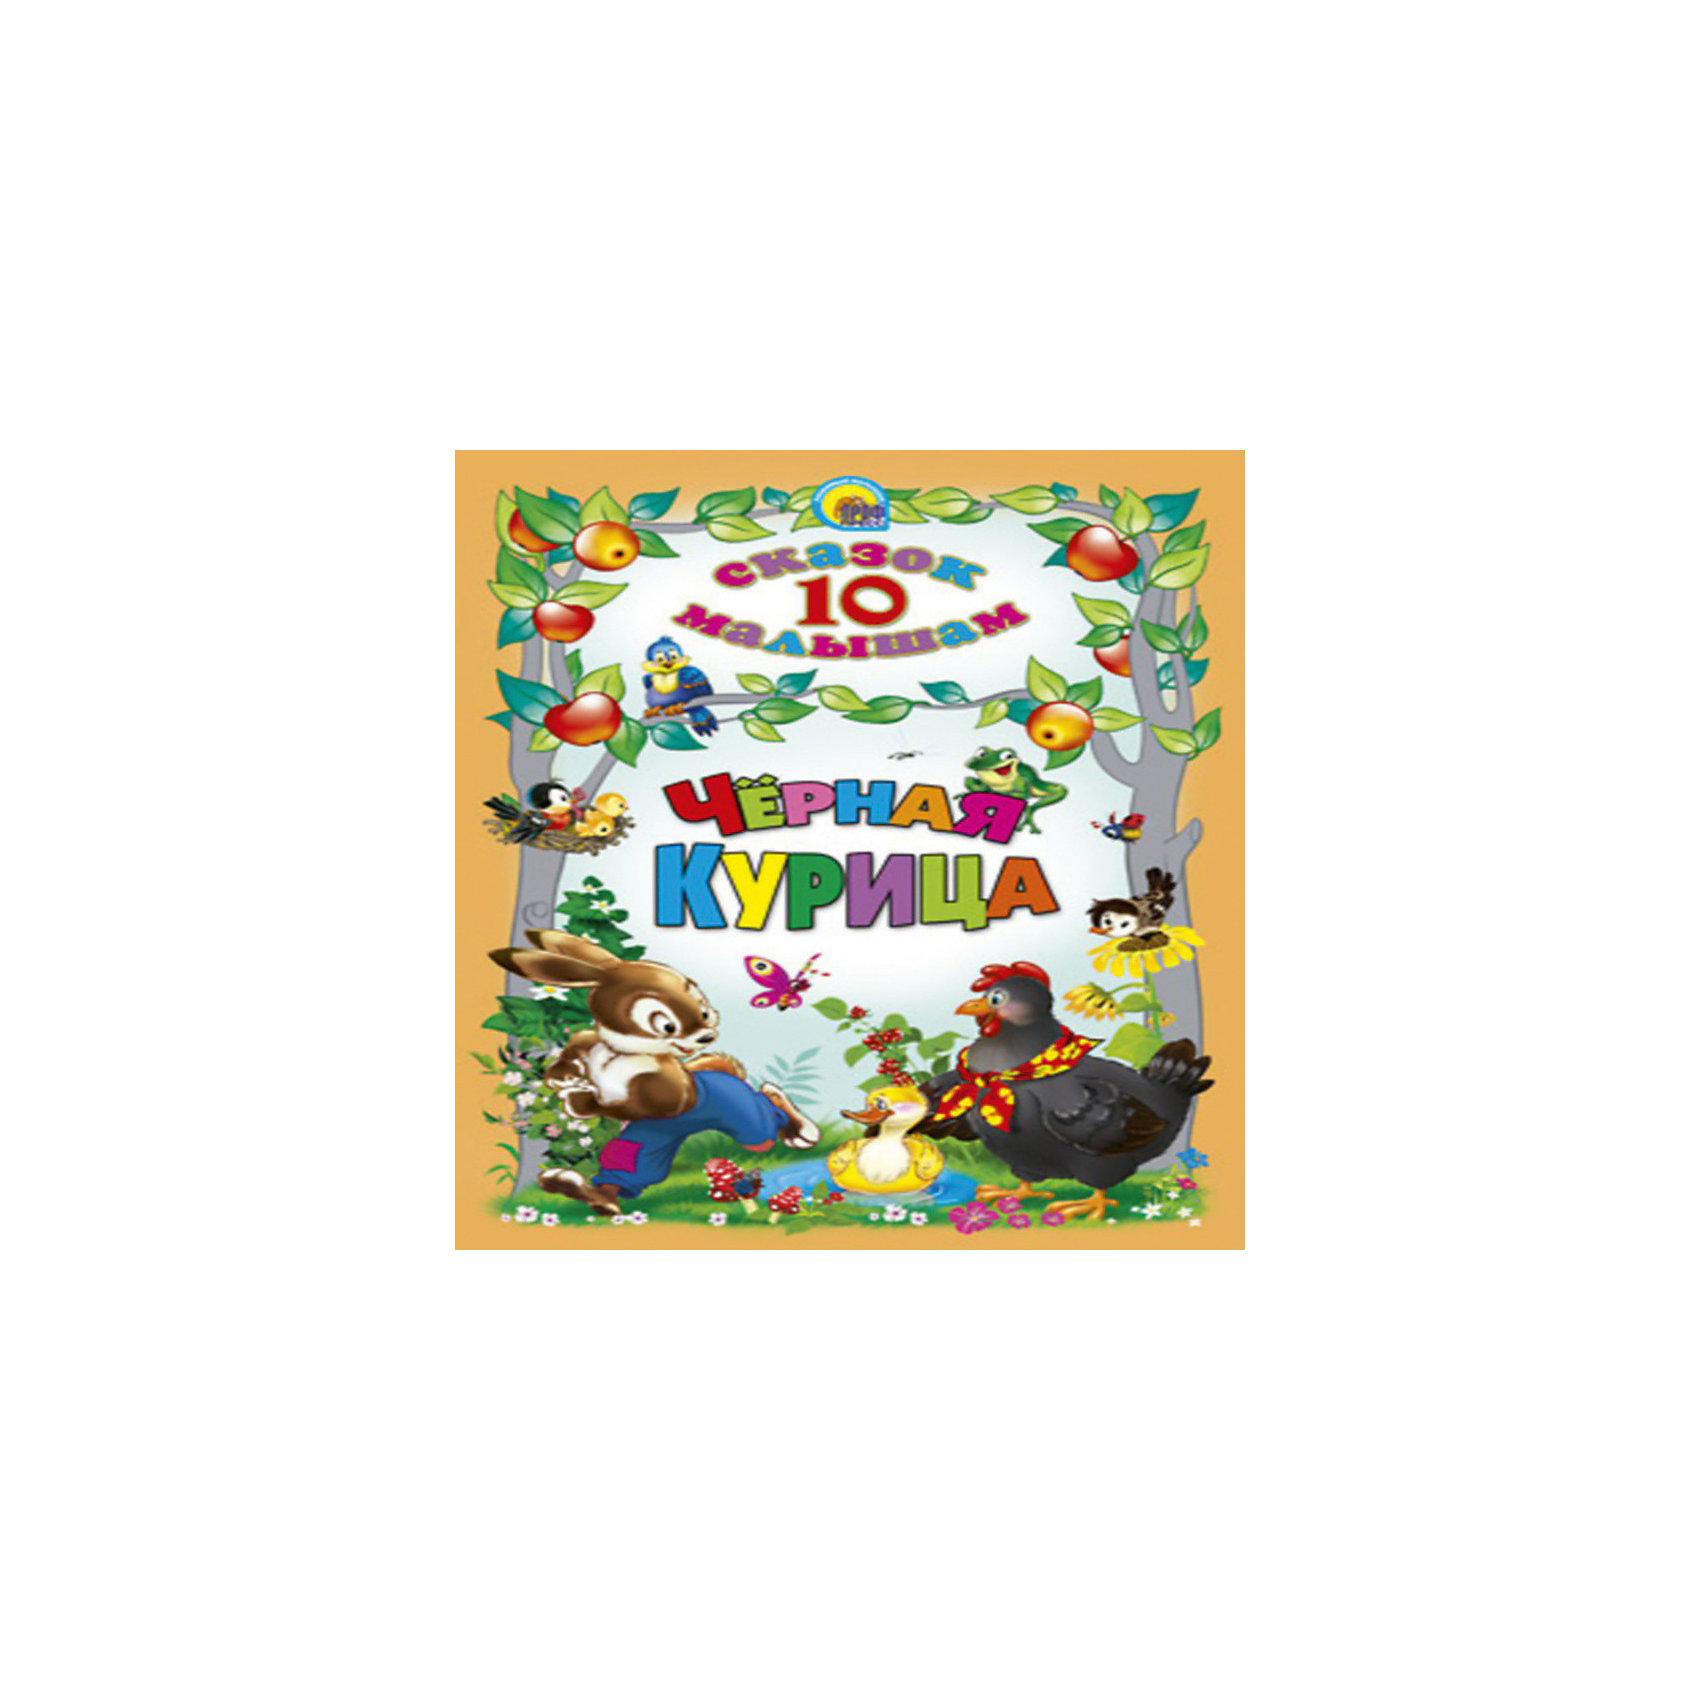 Сборник сказок Черная курицаСборник Черная курица от Проф-Пресс с захватывающими волшебными сказками и историями увлечет Вашего ребенка и поможет привить ему любовь к чтению. В книге собраны классические произведения русских писателей о животных: А. Погорельский Черная курица, или Подземные жители, Д. Мамин-Сибиряк Серая Шейка, Н. Дегтярева Подушка для солнышка, В. Гаршин Лягушка-путешественница, Б. Житков Храбрый утенок, Е. Карганова Желтик, Л. Кириллов Ничуть не страшно, Т. Макарова Заветная мечта, Л. Лебедева Находчивый лягушонок, В. Капнинский Пустомеля. Сказки сопровождаются красочными цветными иллюстрациями.<br><br>Дополнительная информация:<br><br>- Художники: Г. А. Баринова, А. Трусов, В. Арбеков и др.<br>- Серия: 10 сказок малышам.<br>- Обложка: твердая.<br>- Иллюстрации: цветные.<br>- Объем: 128 стр.<br>- Размер: 16,2 x 22 см.<br>- Вес: 282 гр.<br><br>Сборник Черная курица, серия Лучшее для самых любимых, Проф-Пресс можно купить в нашем интернет-магазине.<br><br>Ширина мм: 163<br>Глубина мм: 13<br>Высота мм: 210<br>Вес г: 282<br>Возраст от месяцев: 72<br>Возраст до месяцев: 96<br>Пол: Унисекс<br>Возраст: Детский<br>SKU: 3805357